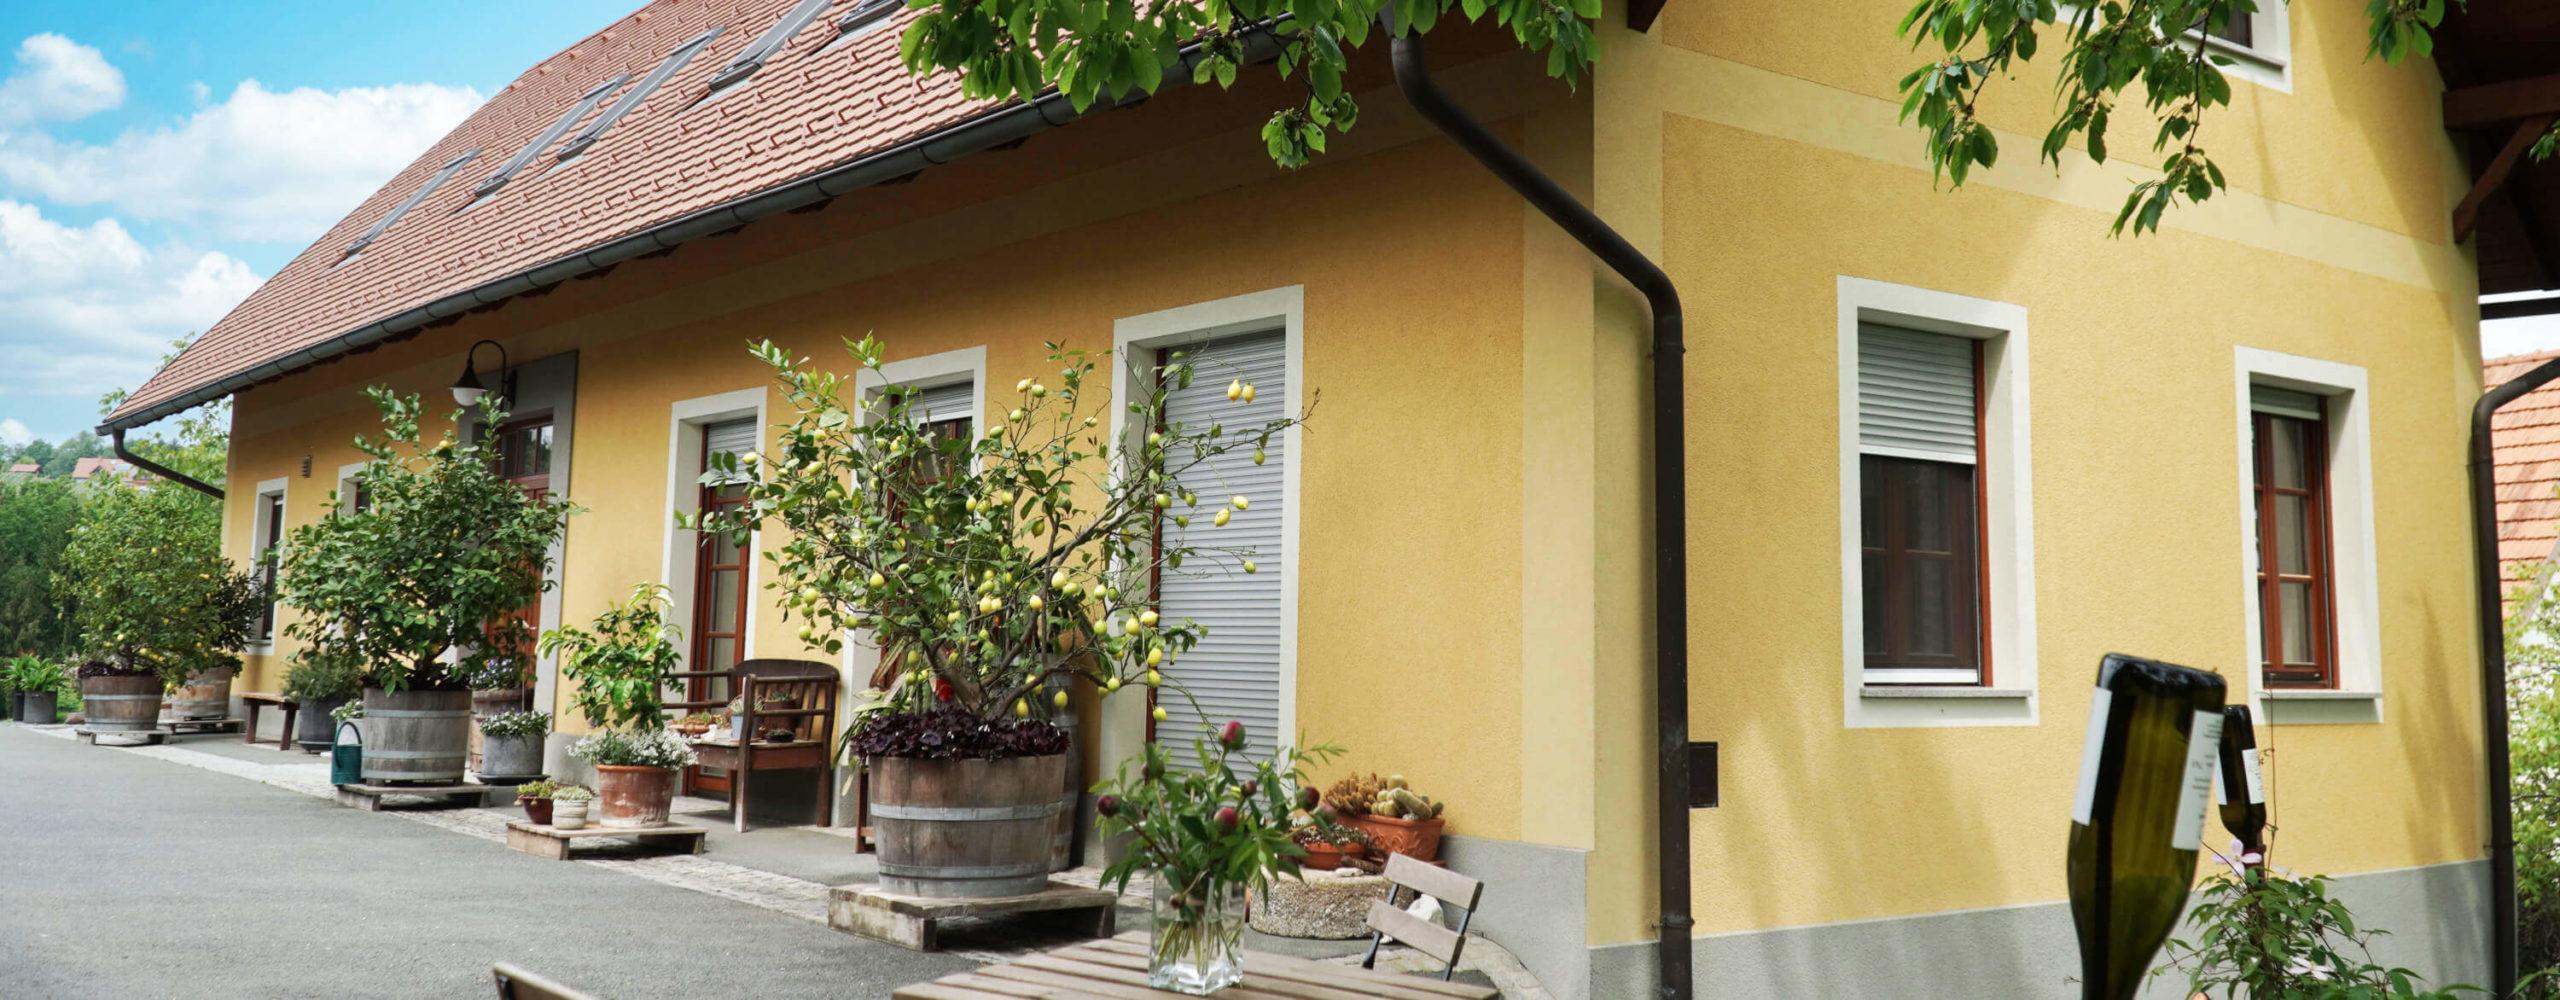 Weingut Riegelnegg Stammhaus Gamlitz Suedsteiermark Kontakt